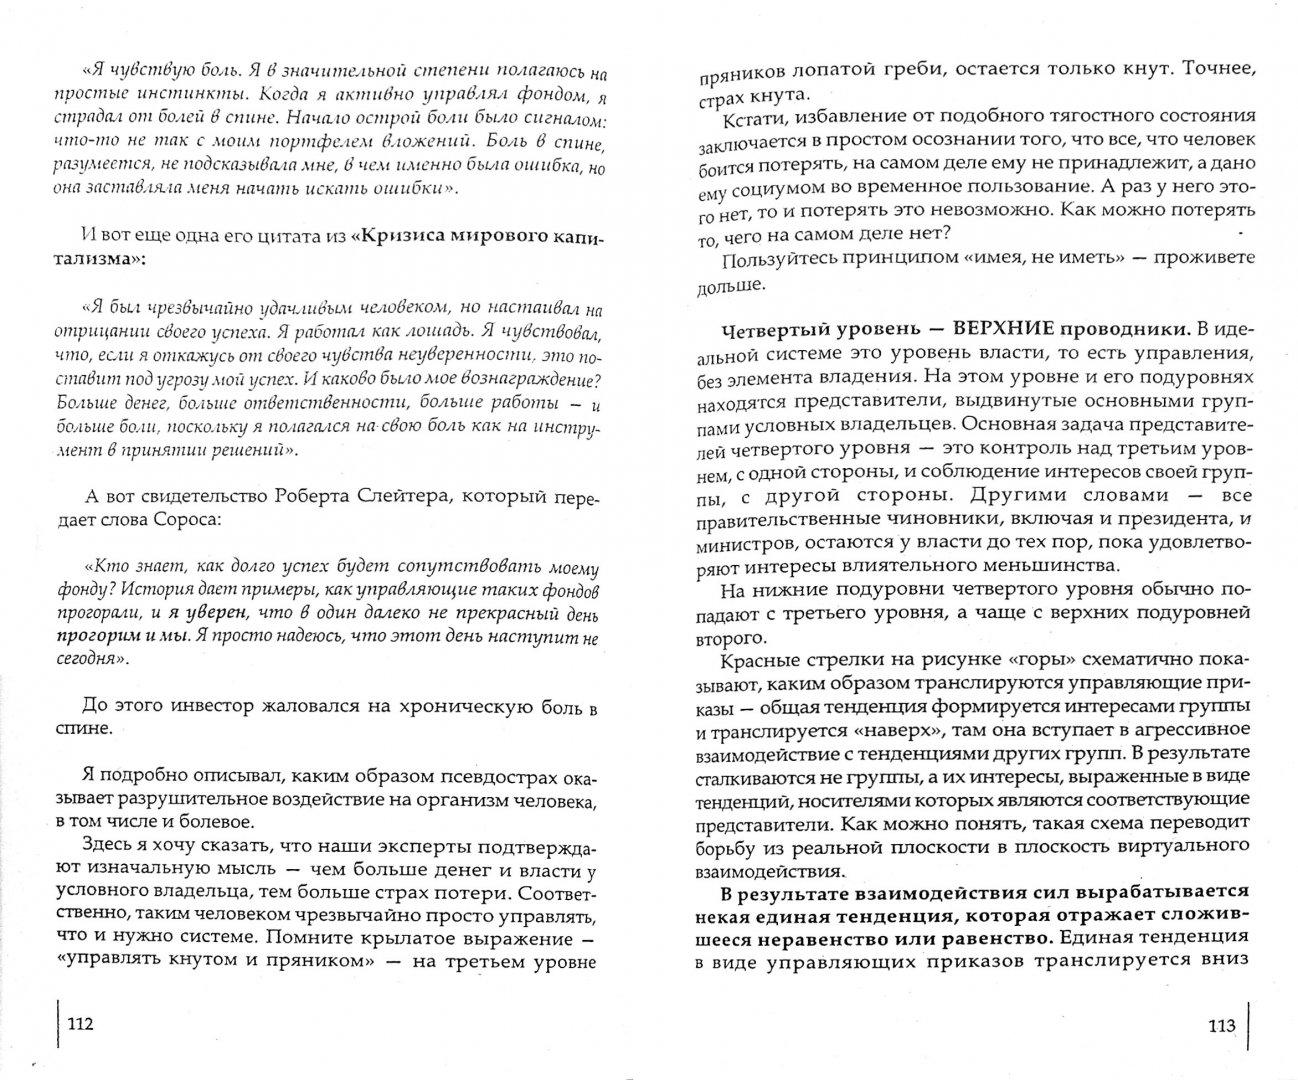 Иллюстрация 1 из 8 для Трансматика кризиса. Узнаешь код - разрушишь транс - Олег Кильдишев | Лабиринт - книги. Источник: Лабиринт